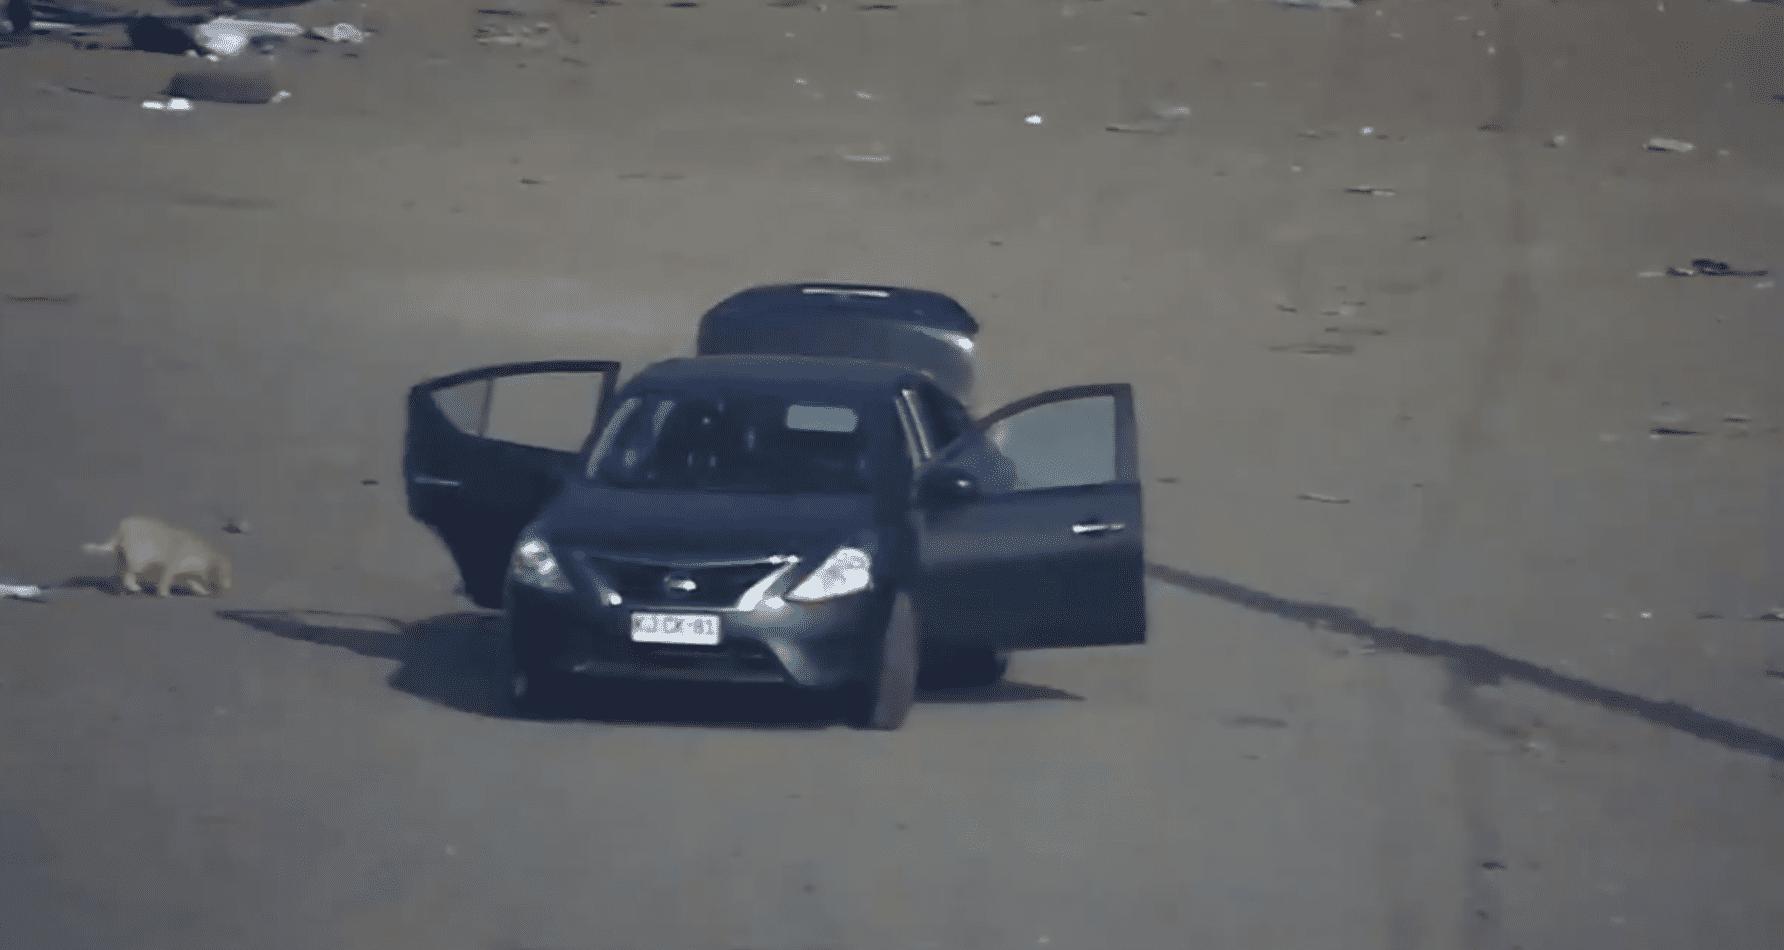 Dejaron bajar al animal del auto antes de irse. Fuente: Twitter/MuniLaPintana